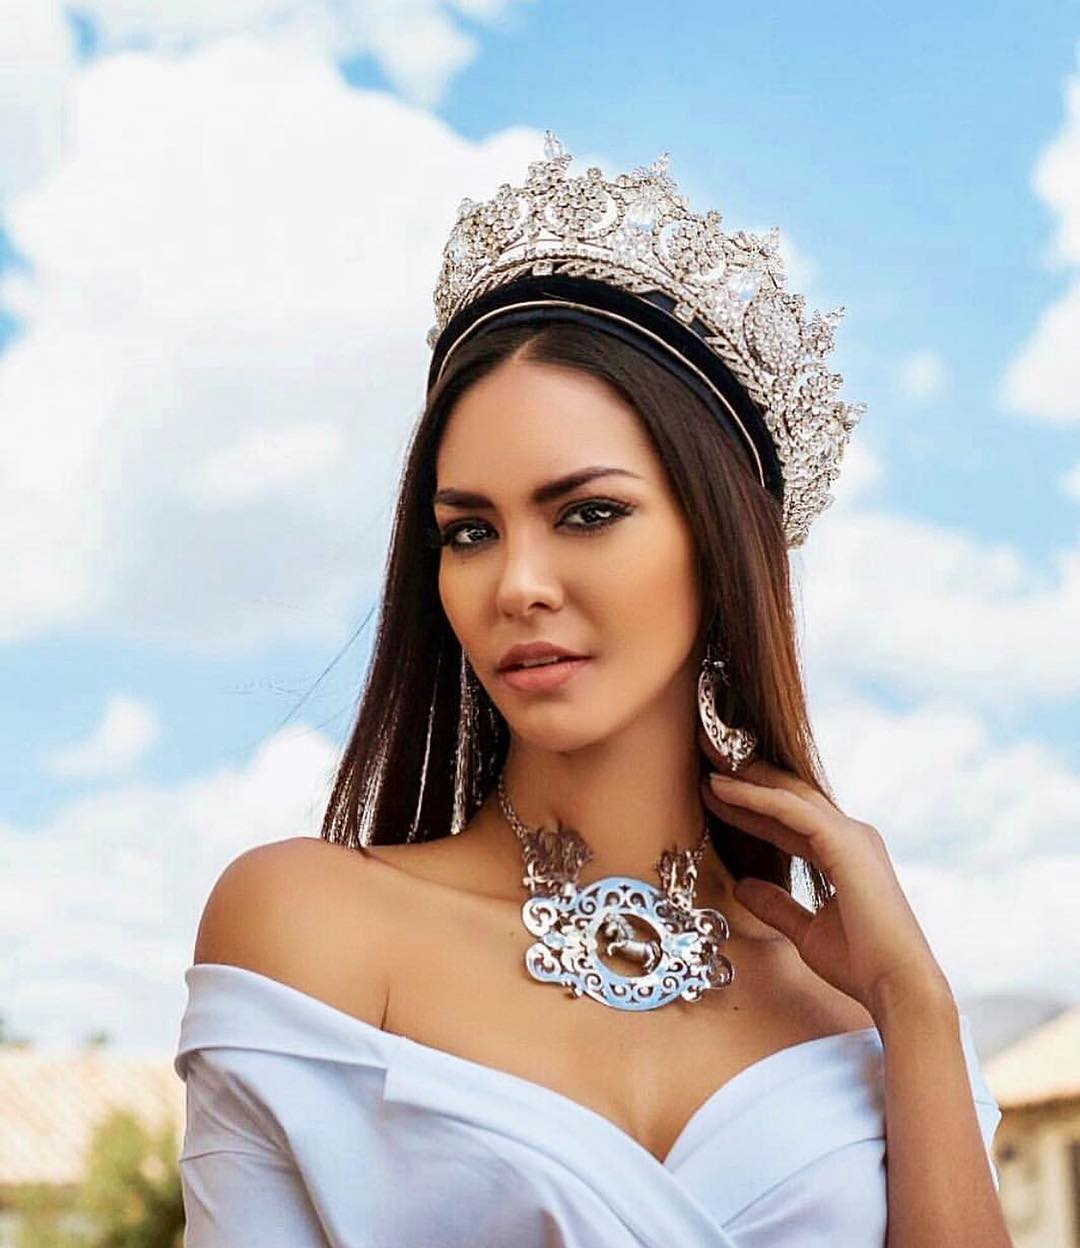 romina lozano, miss charm peru 2020/miss peru universo 2018. - Página 3 36860310